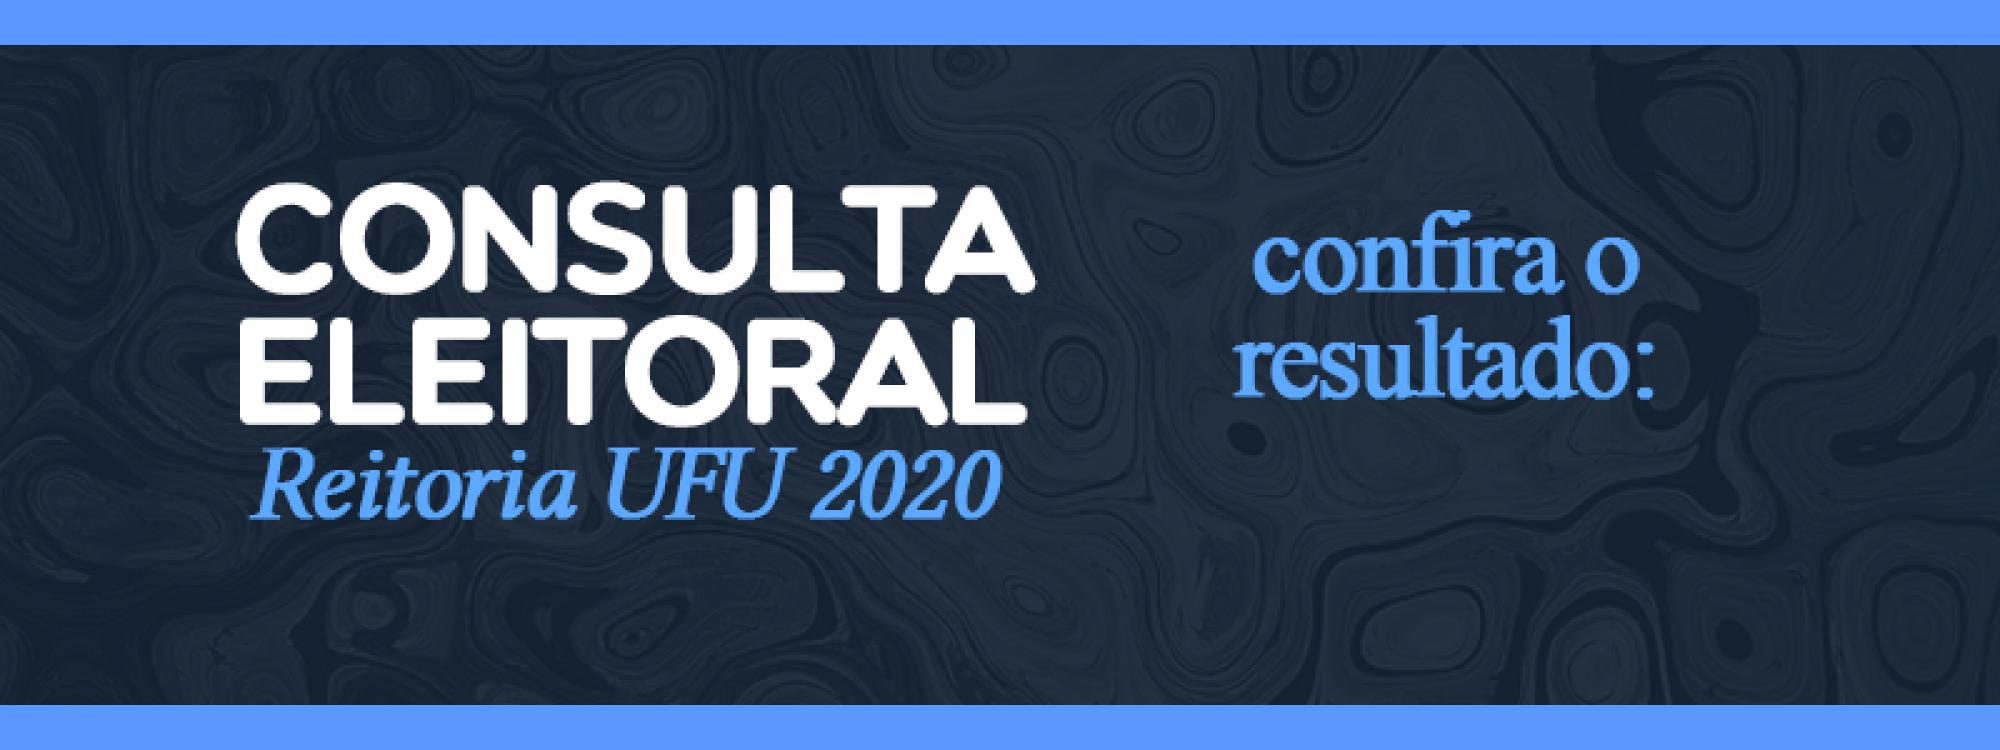 Eleições para a reitoria UFU 2020: a luta por democracia precisa continuar